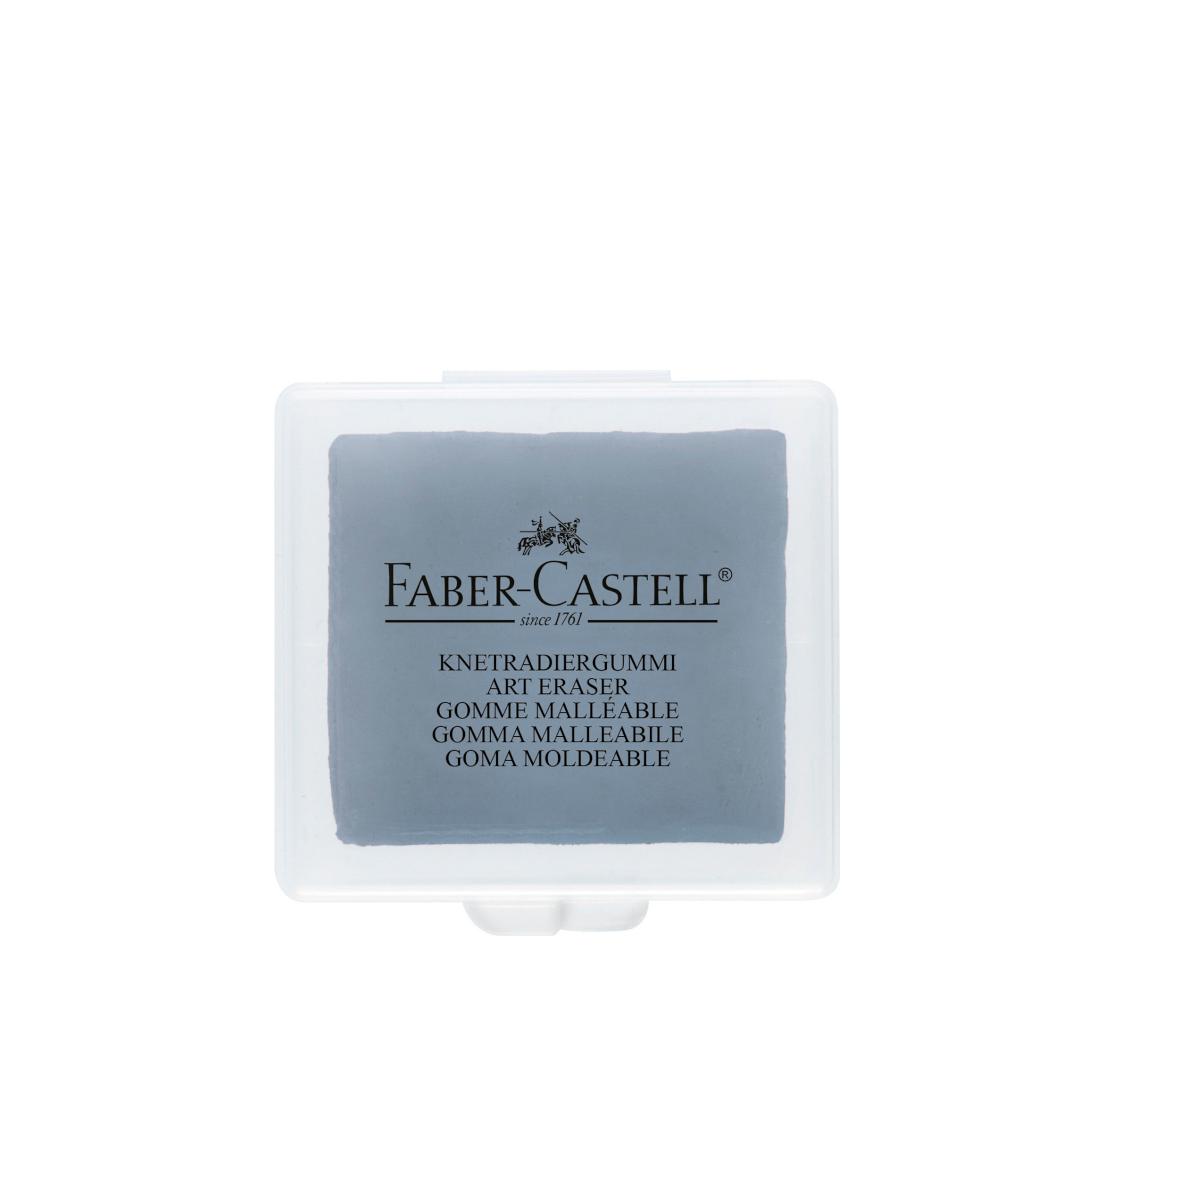 Faber Castell, Knetgummi, grå